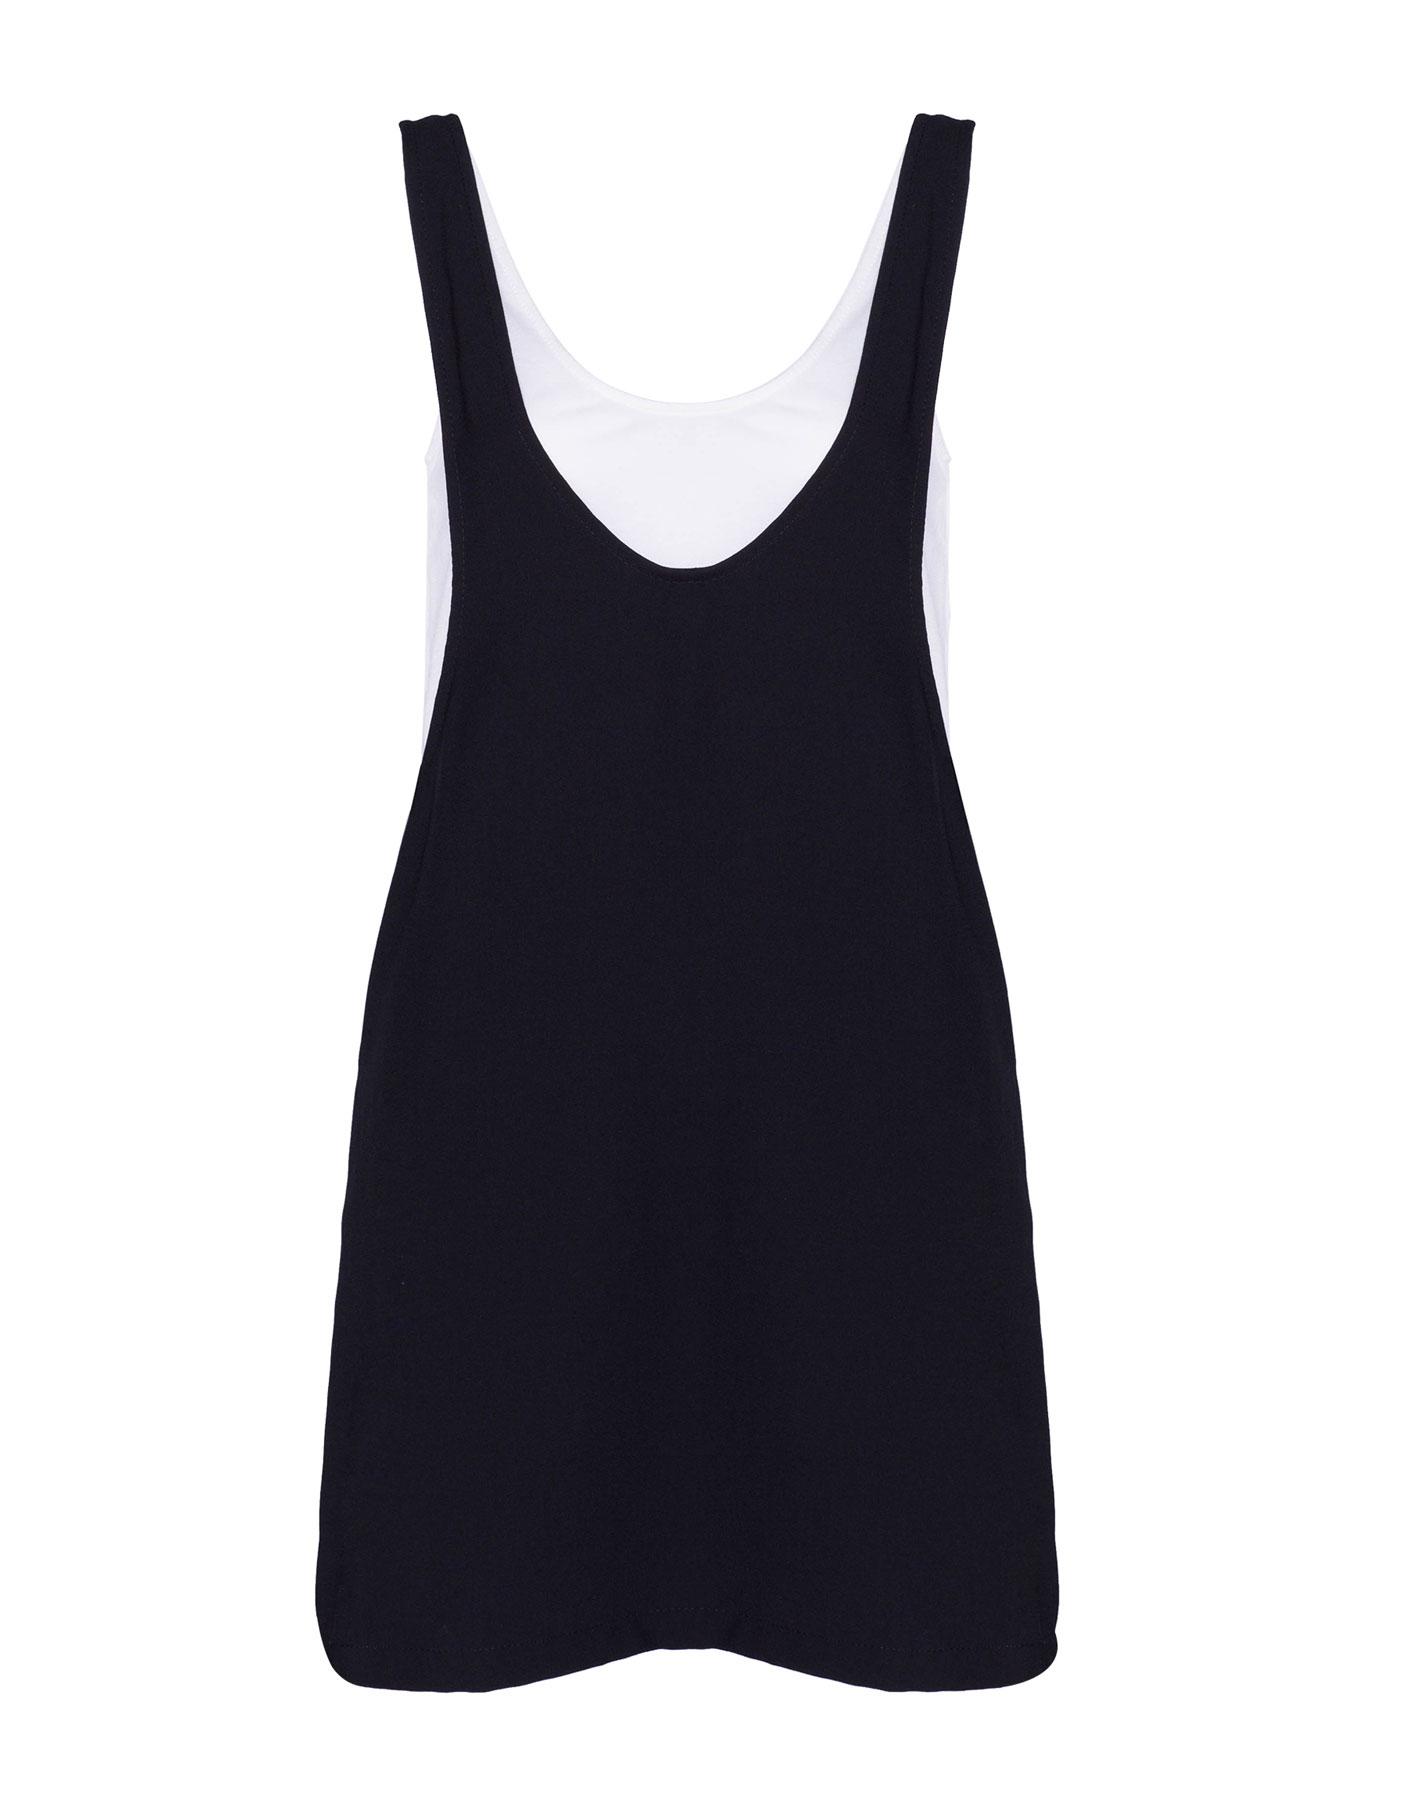 Sukienka bez rękawów z koszulką wewnątrz Pull & Bear CZARNY